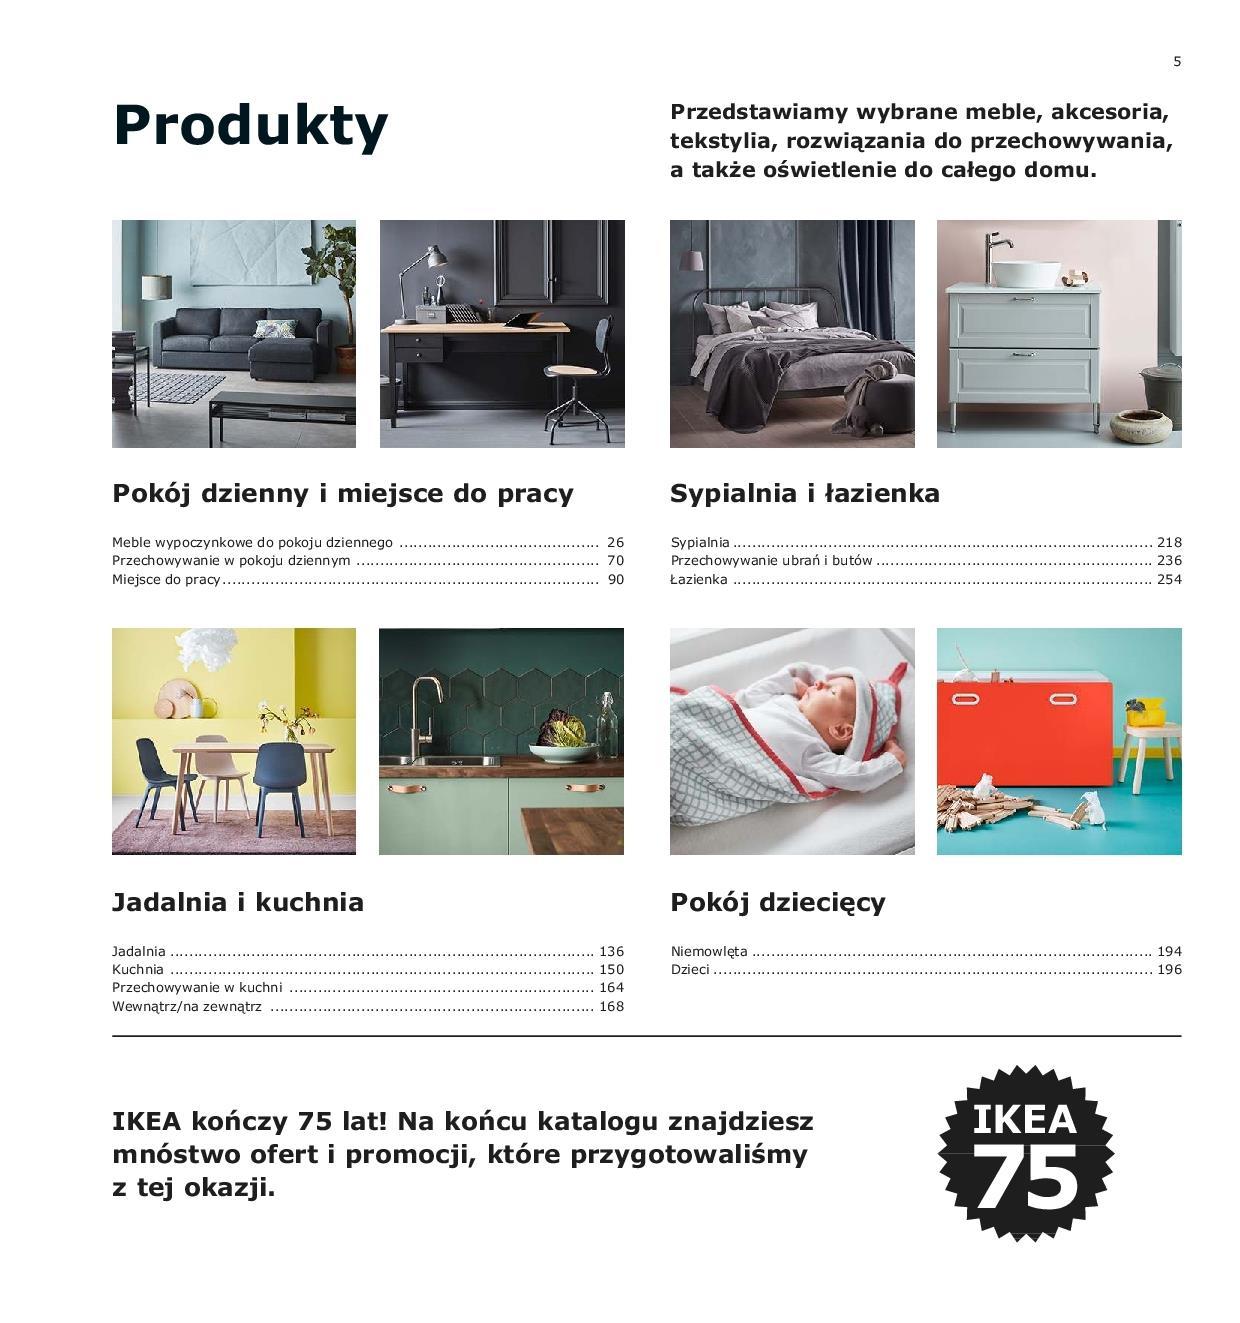 Gazetka Promocyjna Ikeacom Pl Katalog 2019 Sierpień 2018